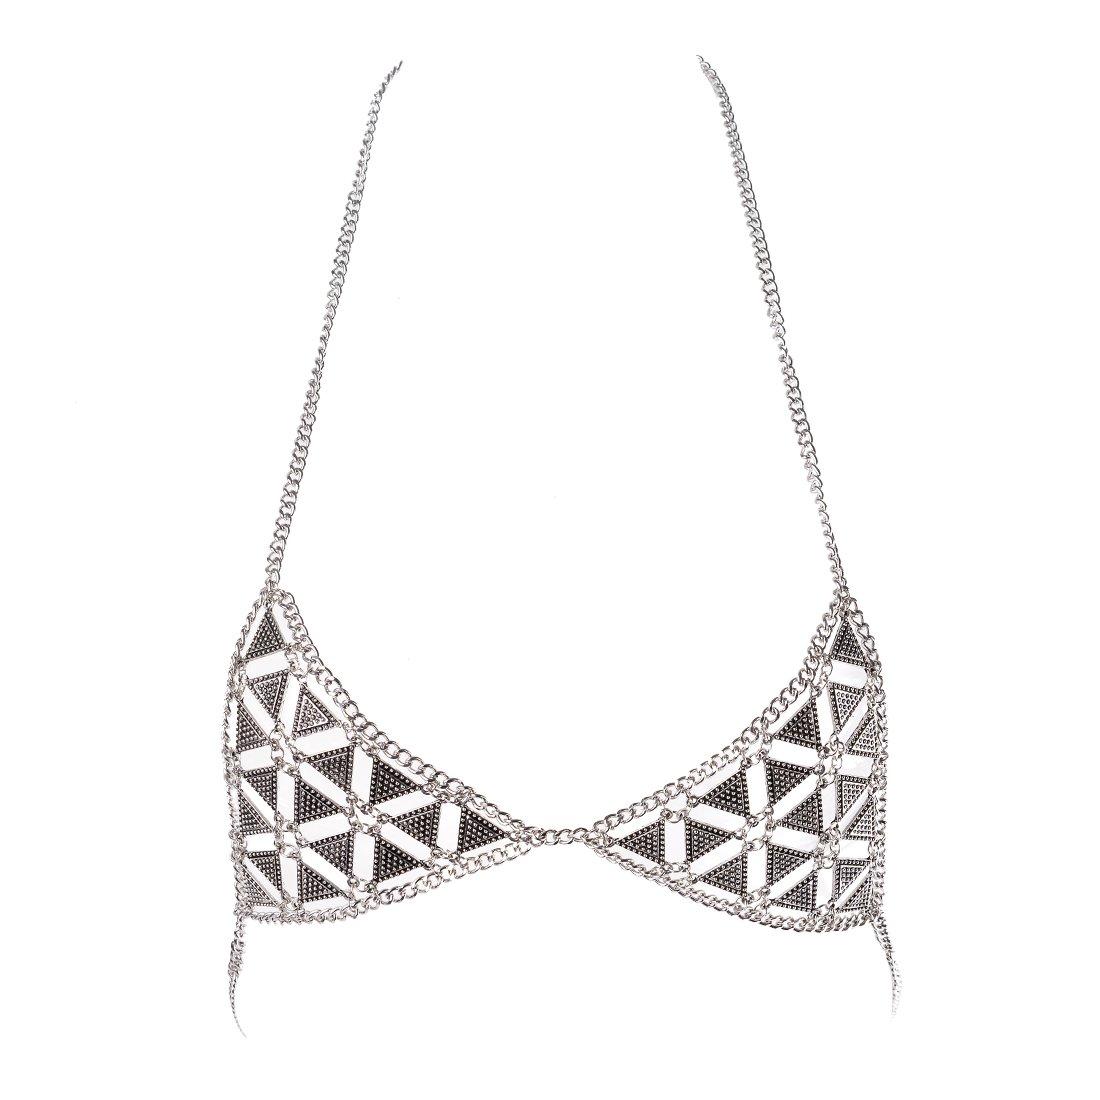 77597e1a1fb301 Amazon.com  MJartoria Silver Color Retro Beach Harness Triangle Bikini Bra  Statement Body Chain Jewelry for Women  Jewelry